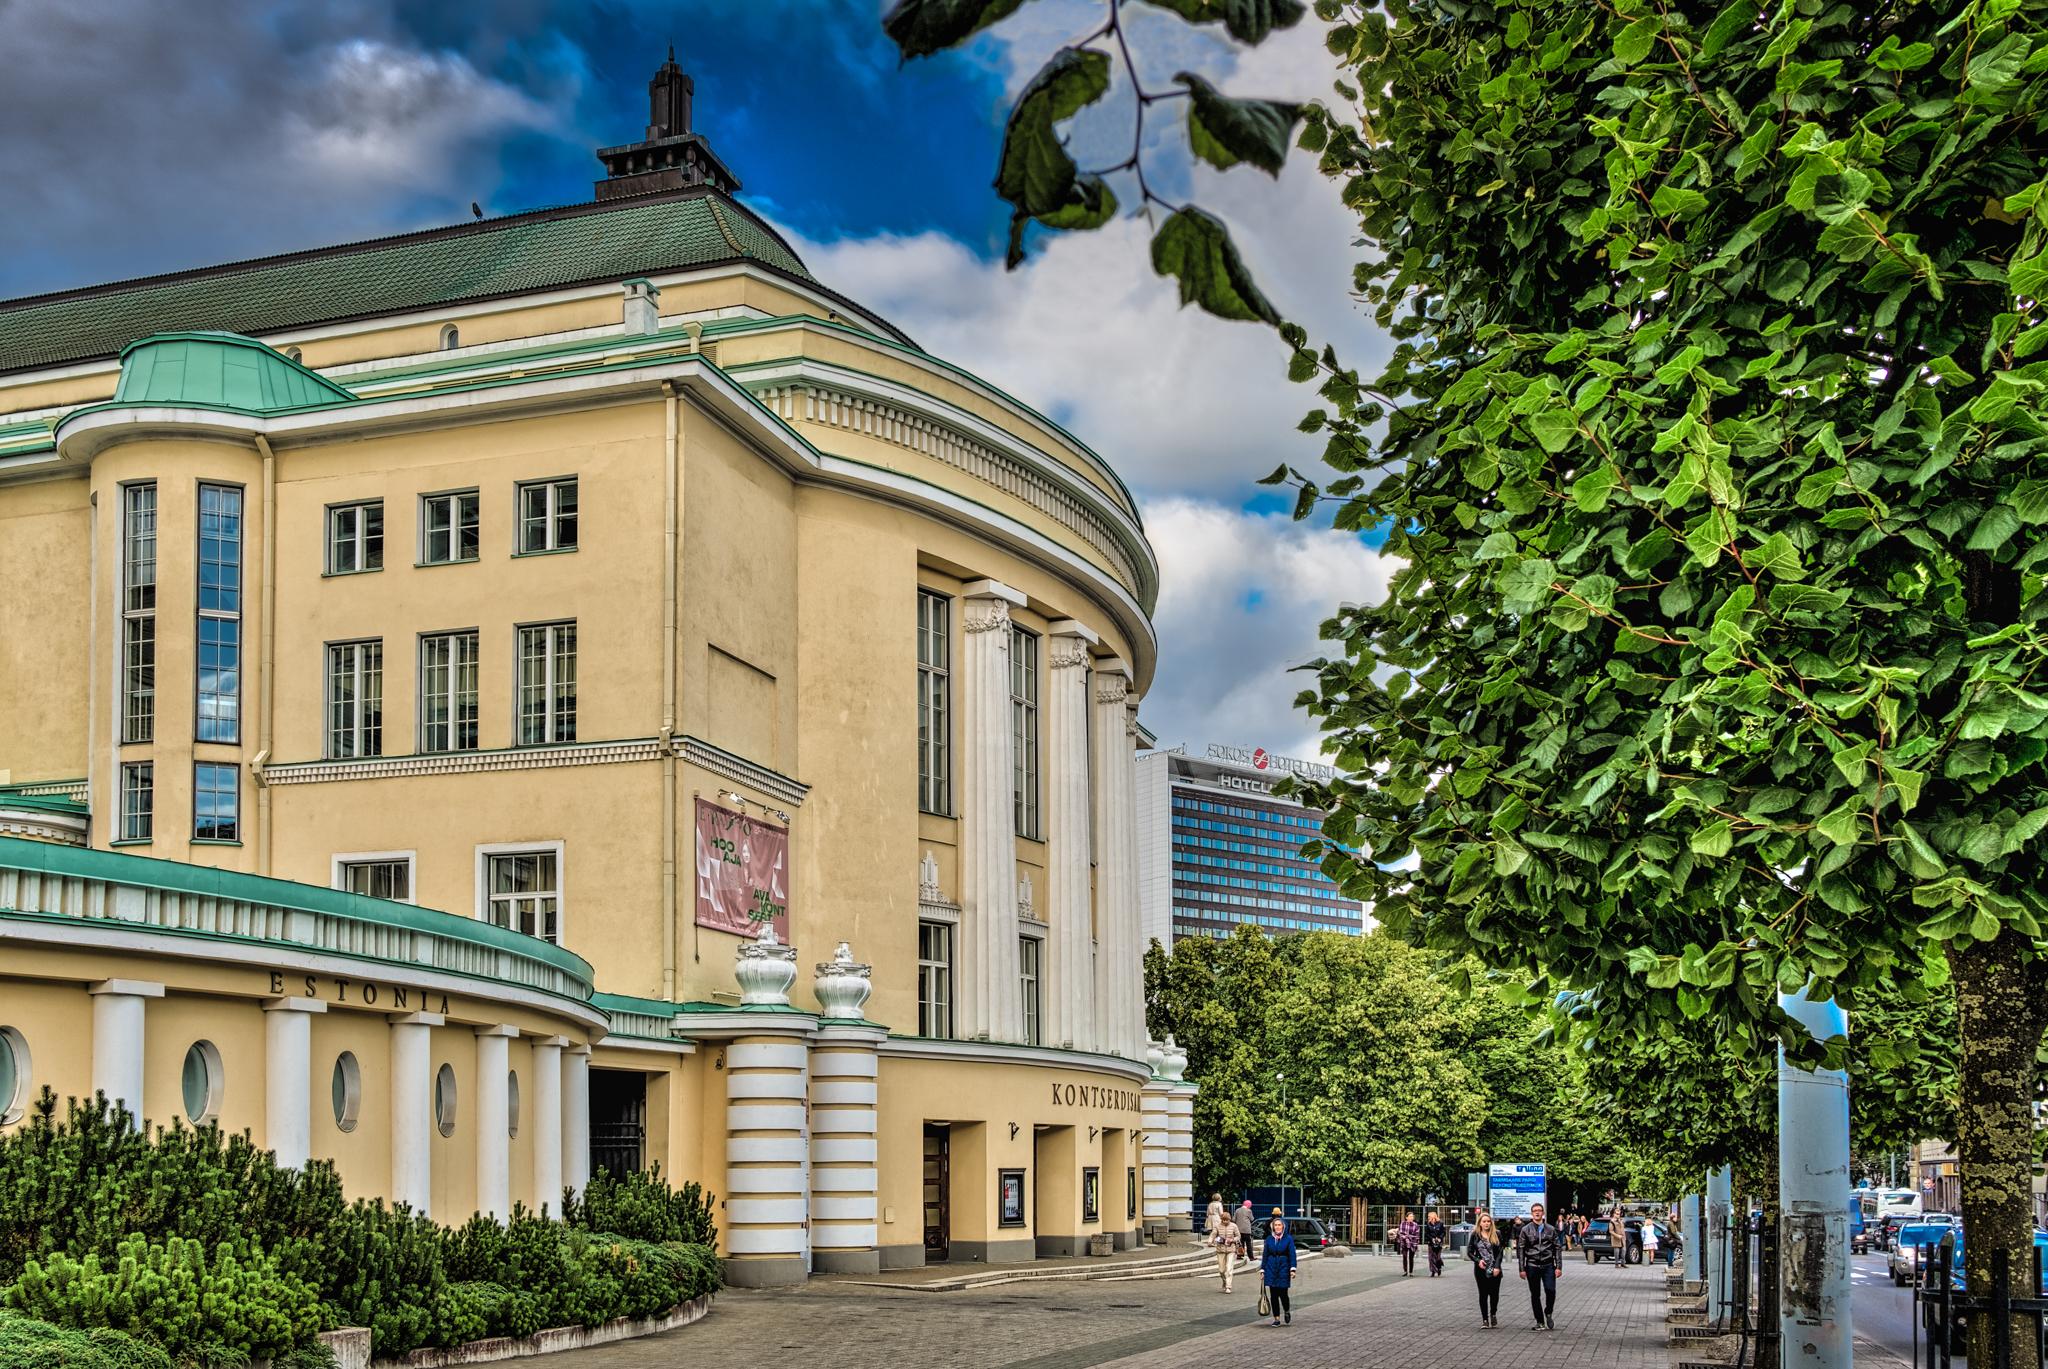 Kонцертный зал «Эстония»